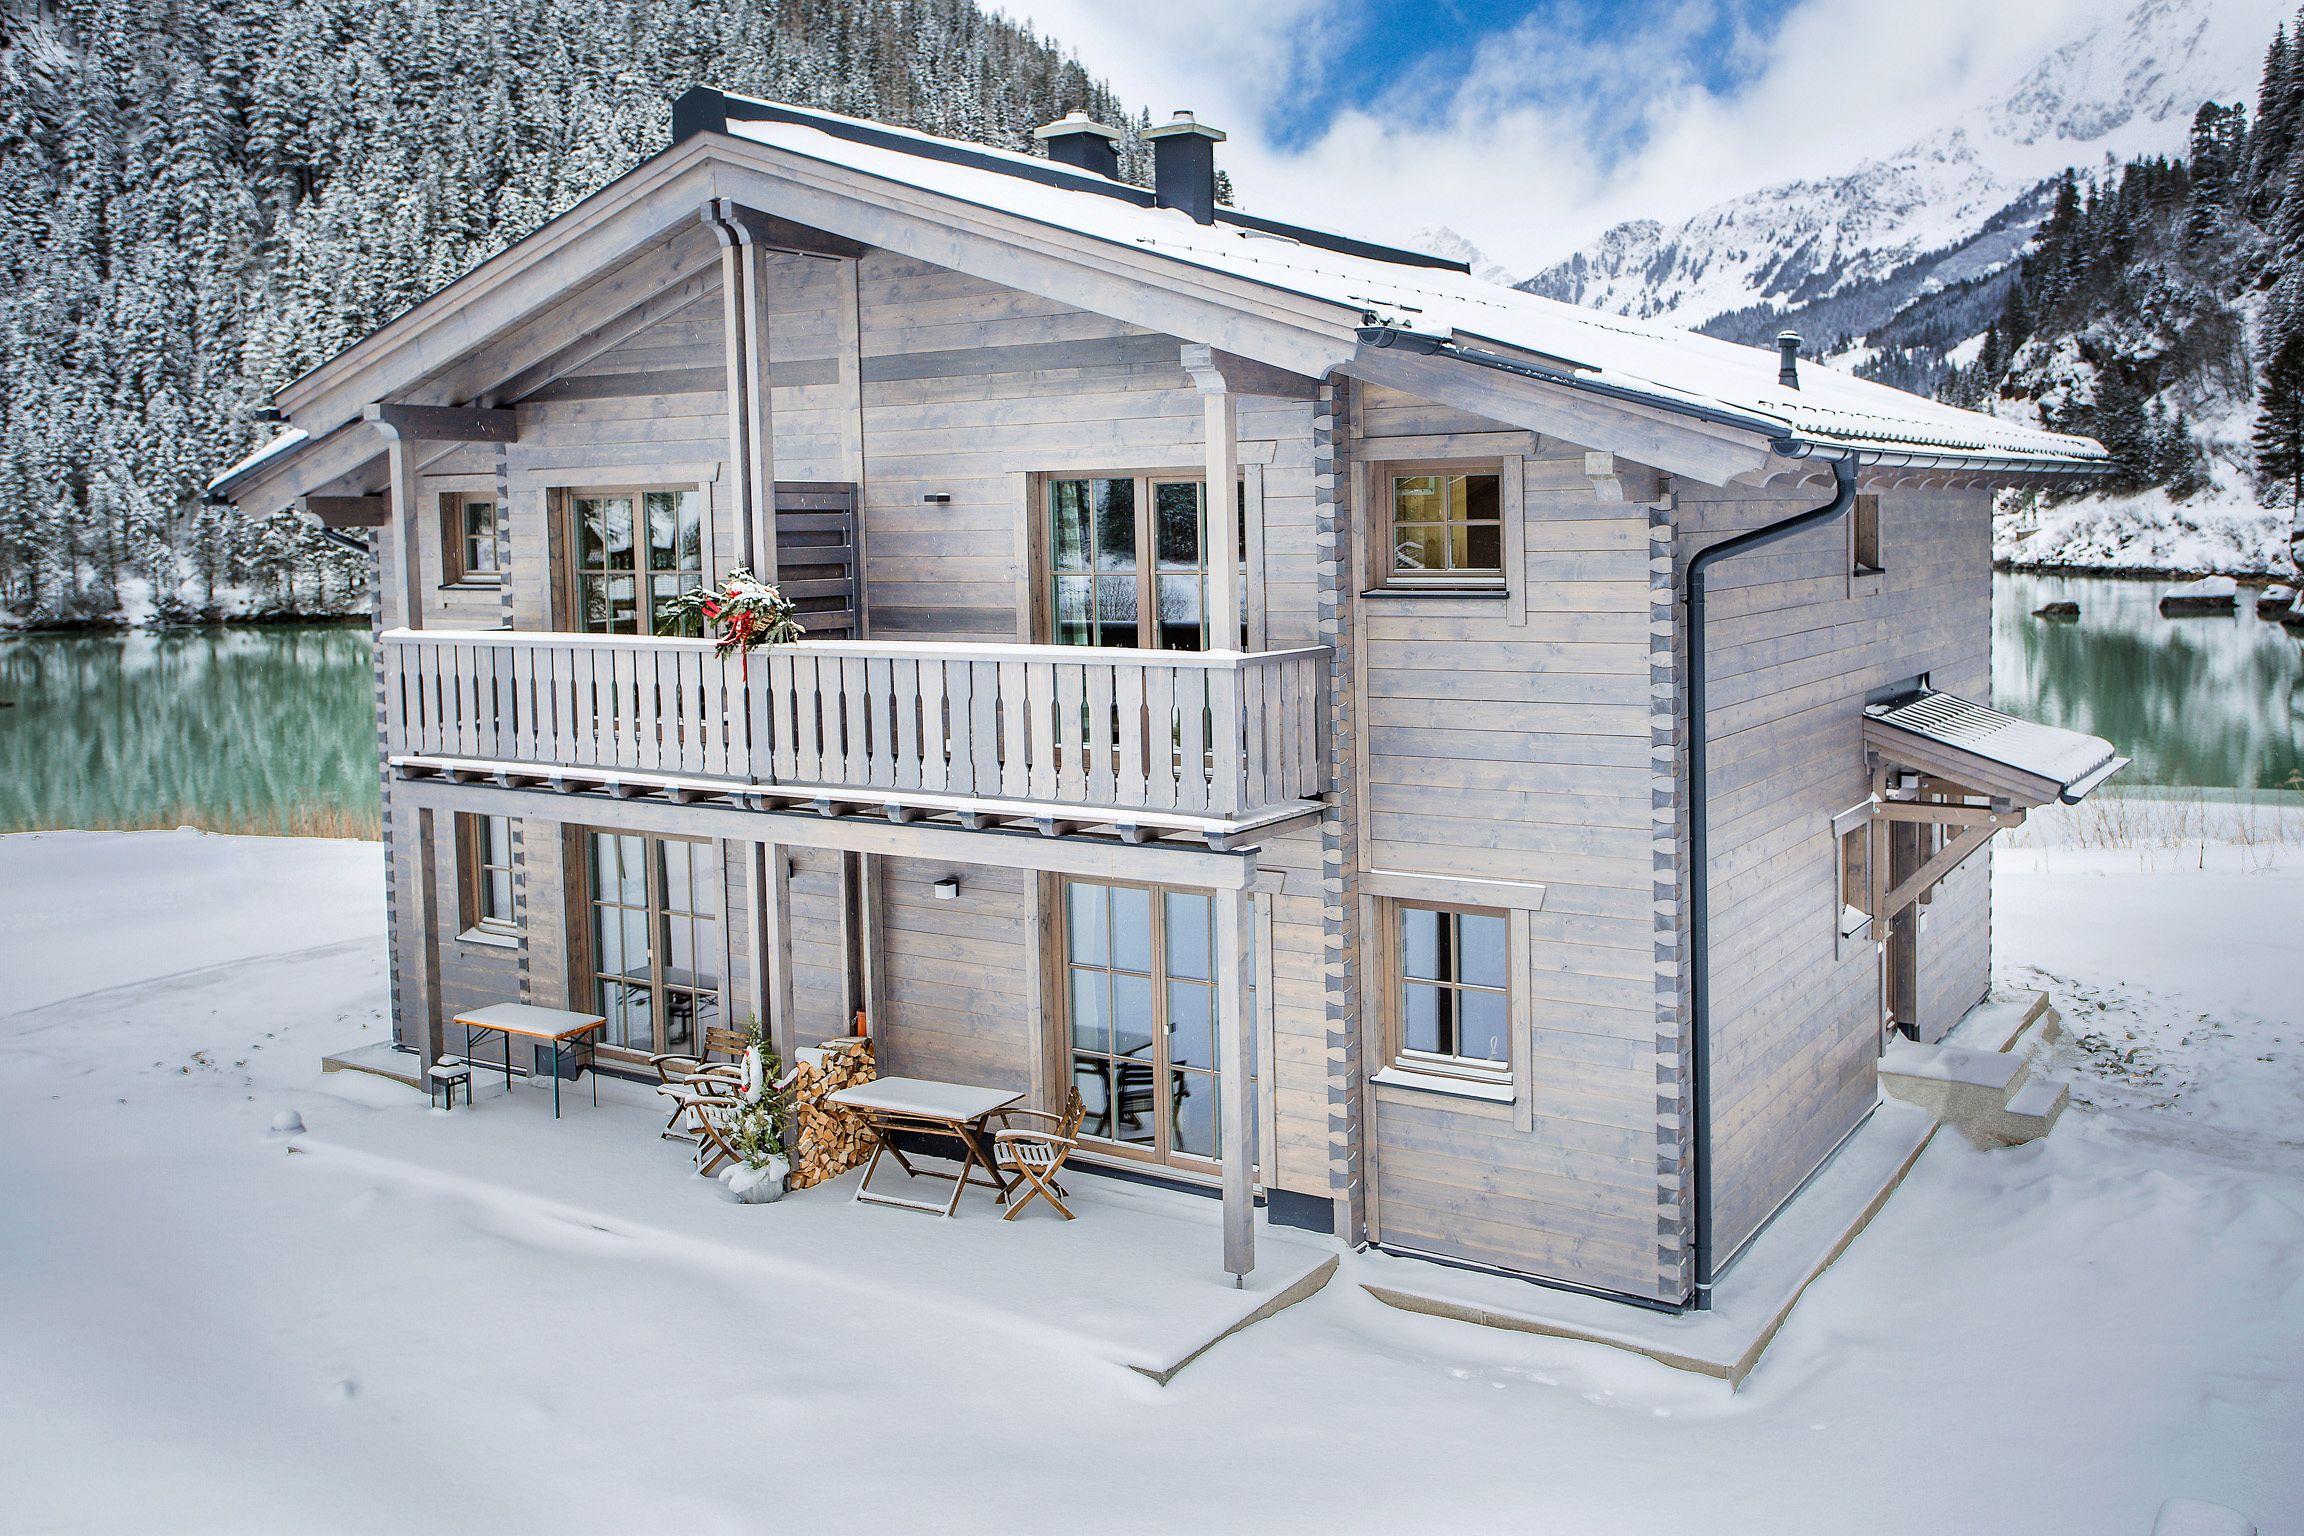 Maison de vacances Lodge Wildrose, direkt am Skilift für 6-8 (2050392), Uttendorf, Pinzgau, Salzbourg, Autriche, image 35